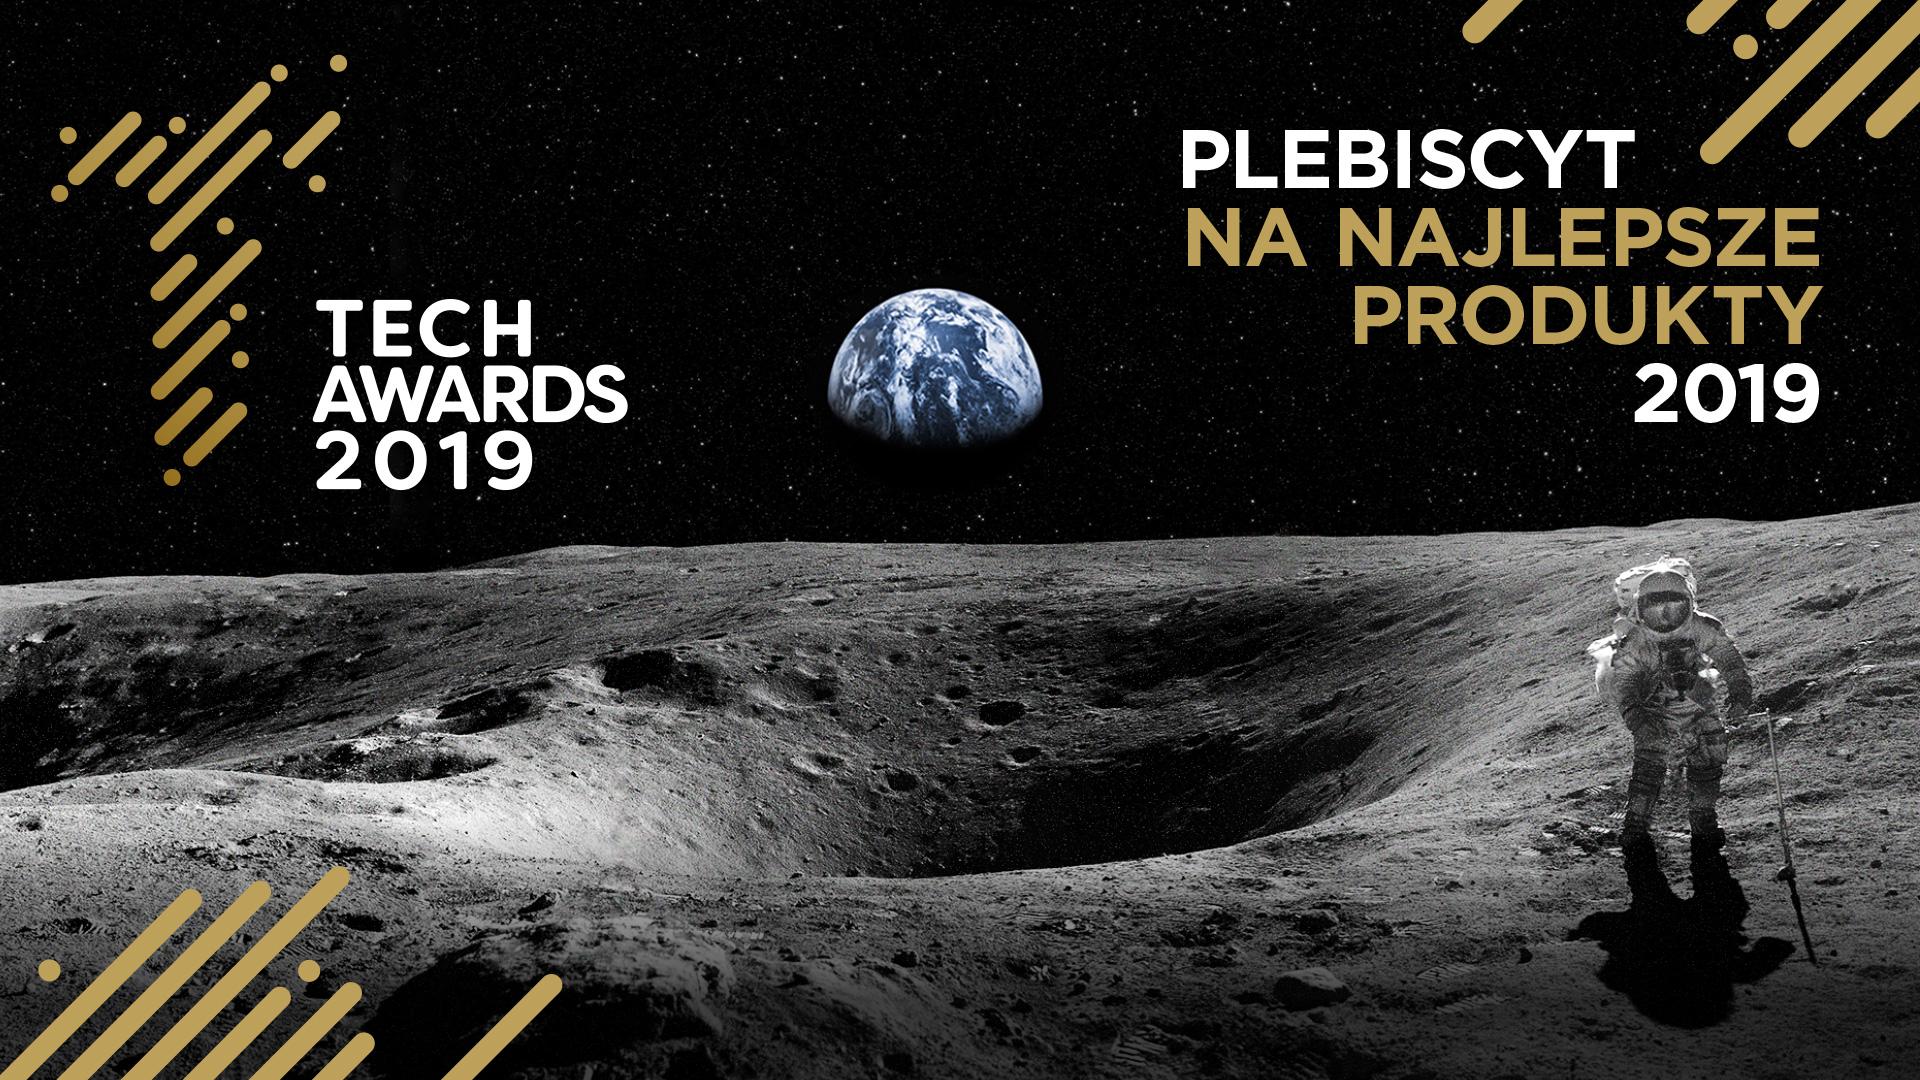 Tech Awards 2019 - Automozio kategorian izendatutako produktuak